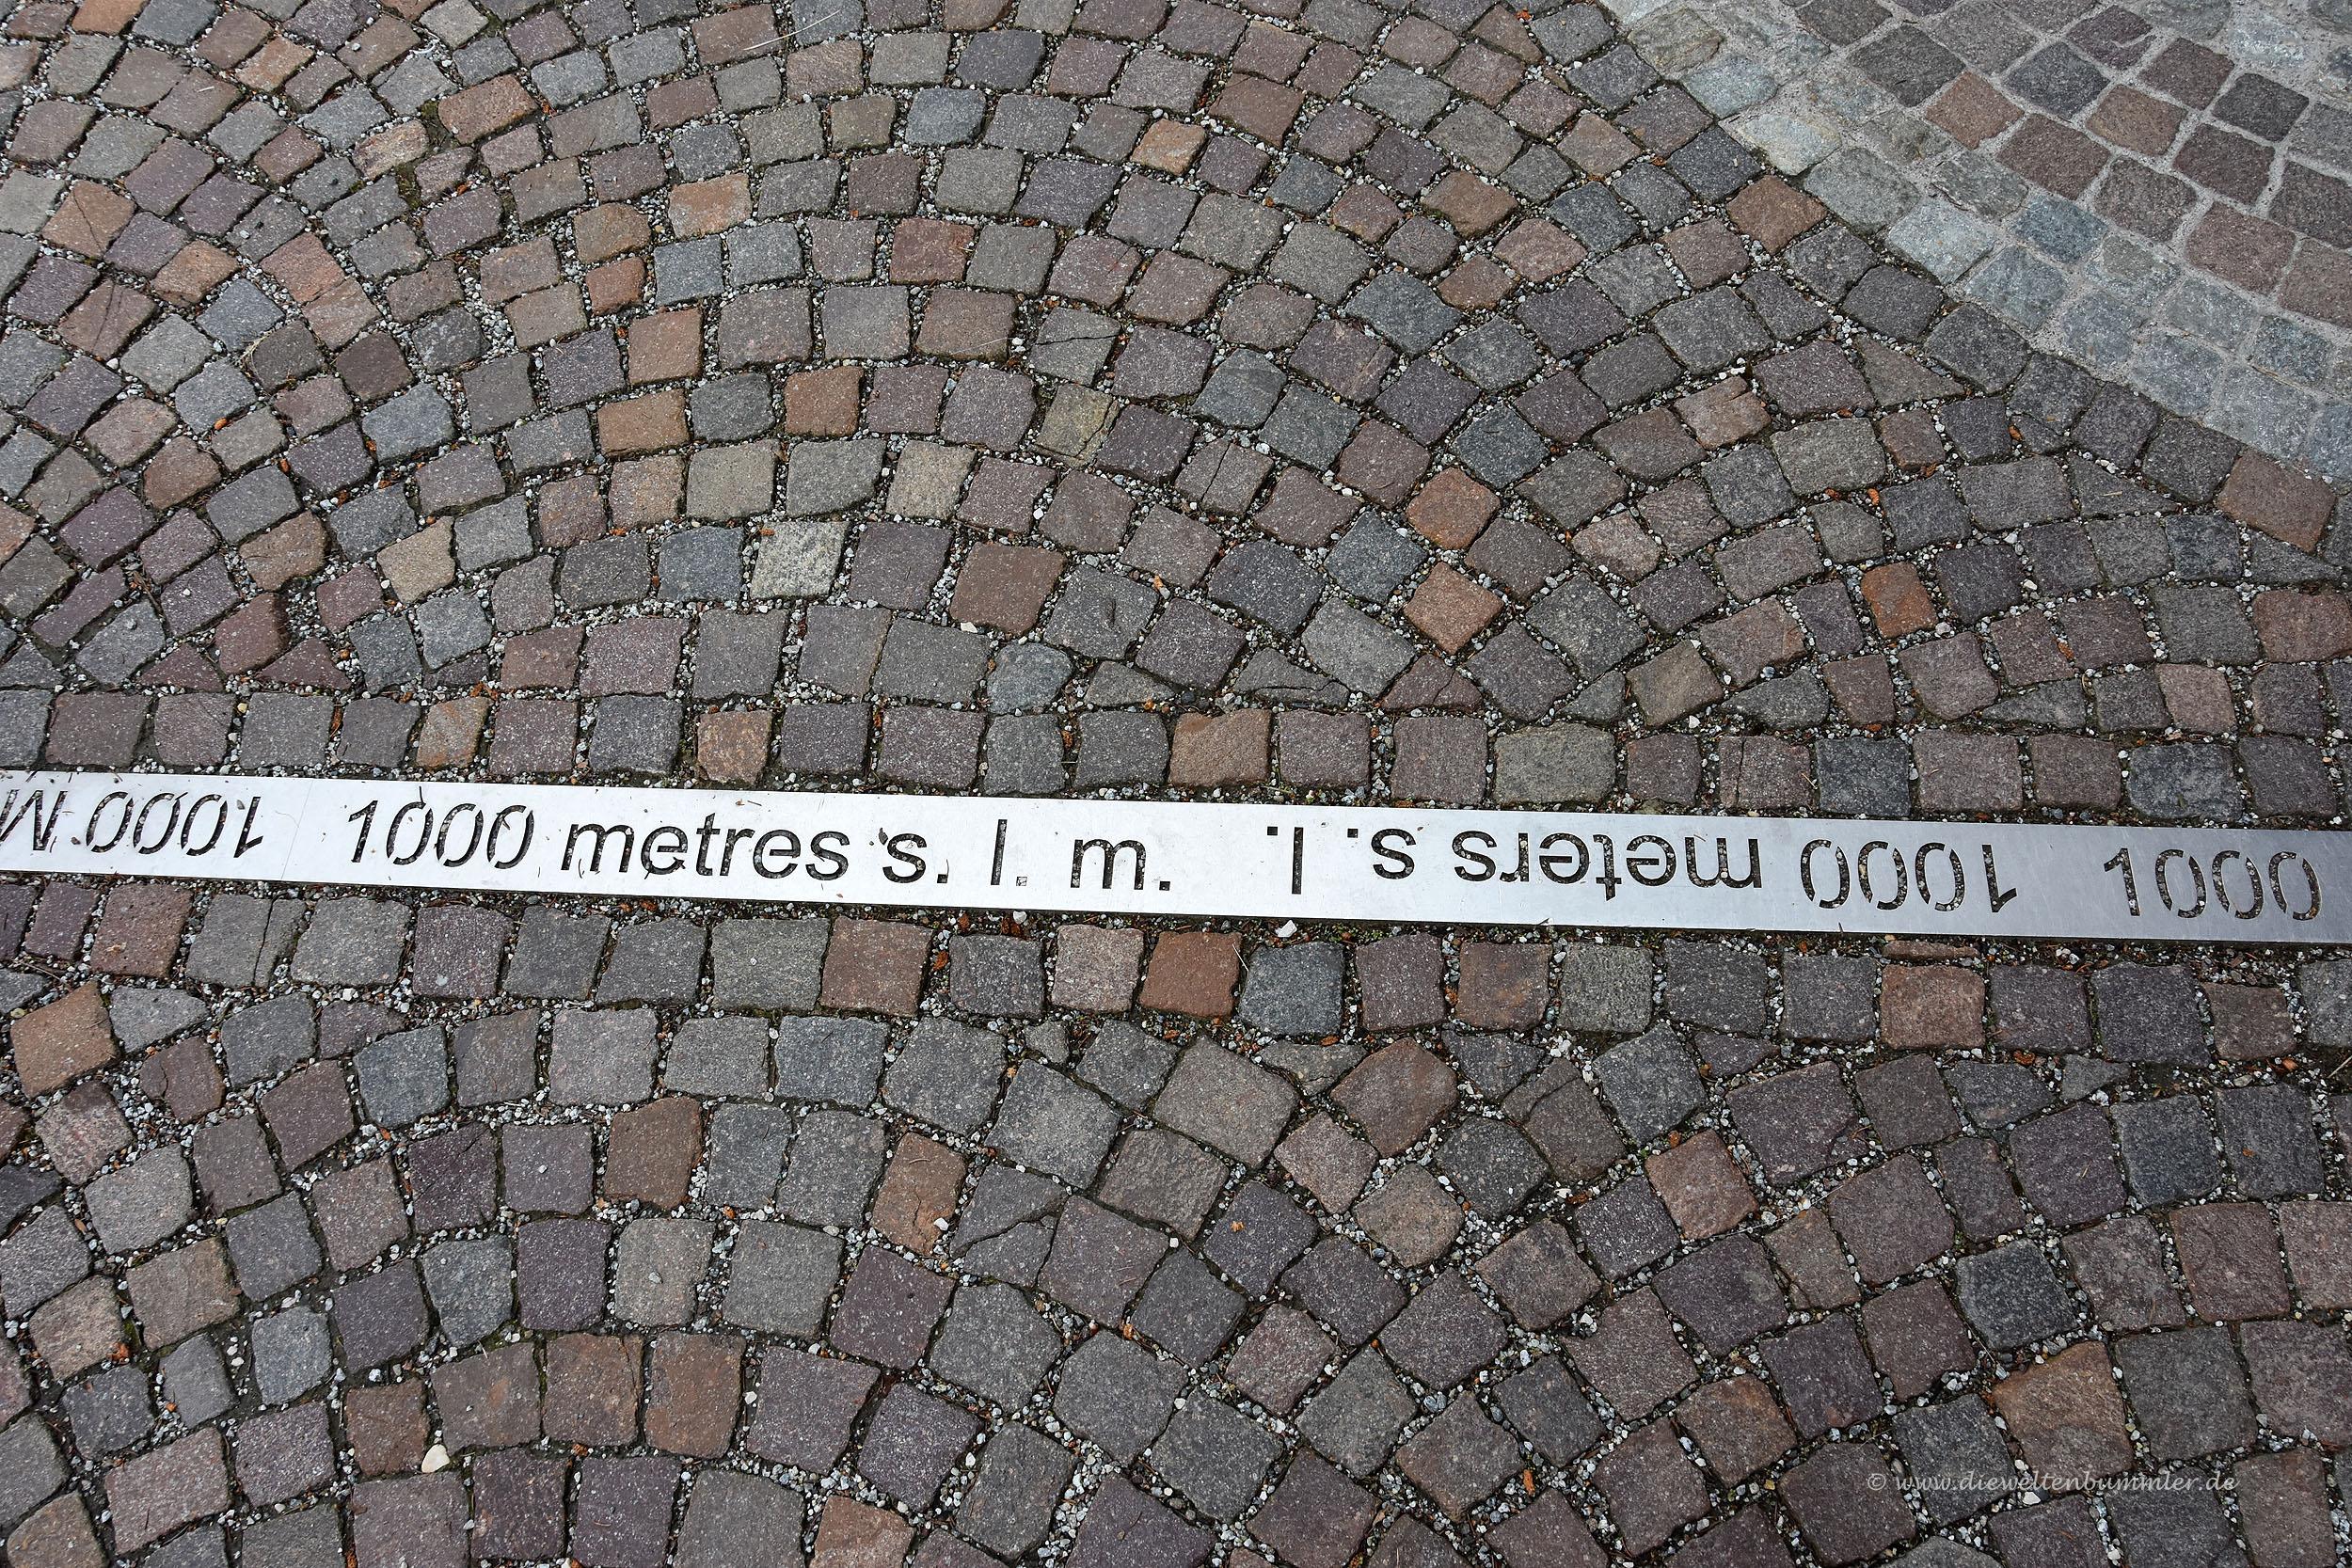 Wir sind höher als 1000 Meter